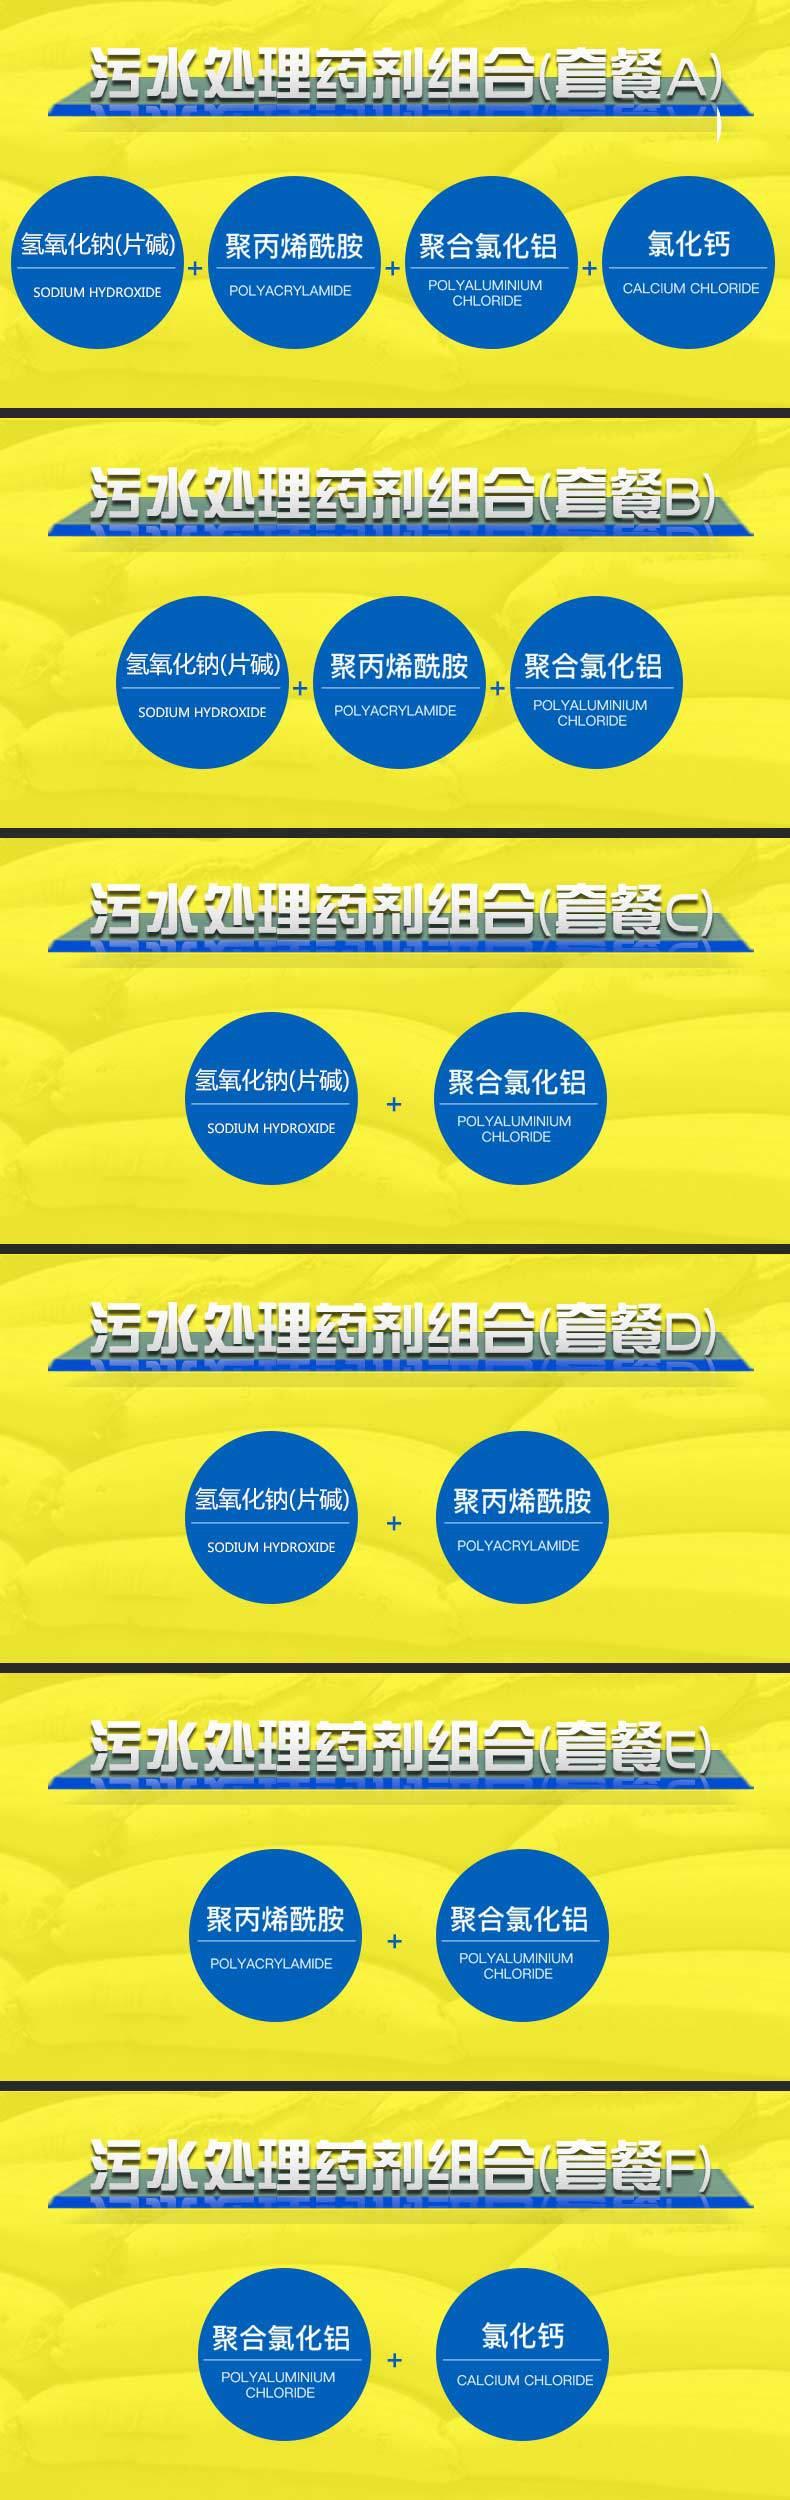 浙江发货巨化牌二水氯化钙74%工业级二水氯化钙片状水处理除磷剂示例图13